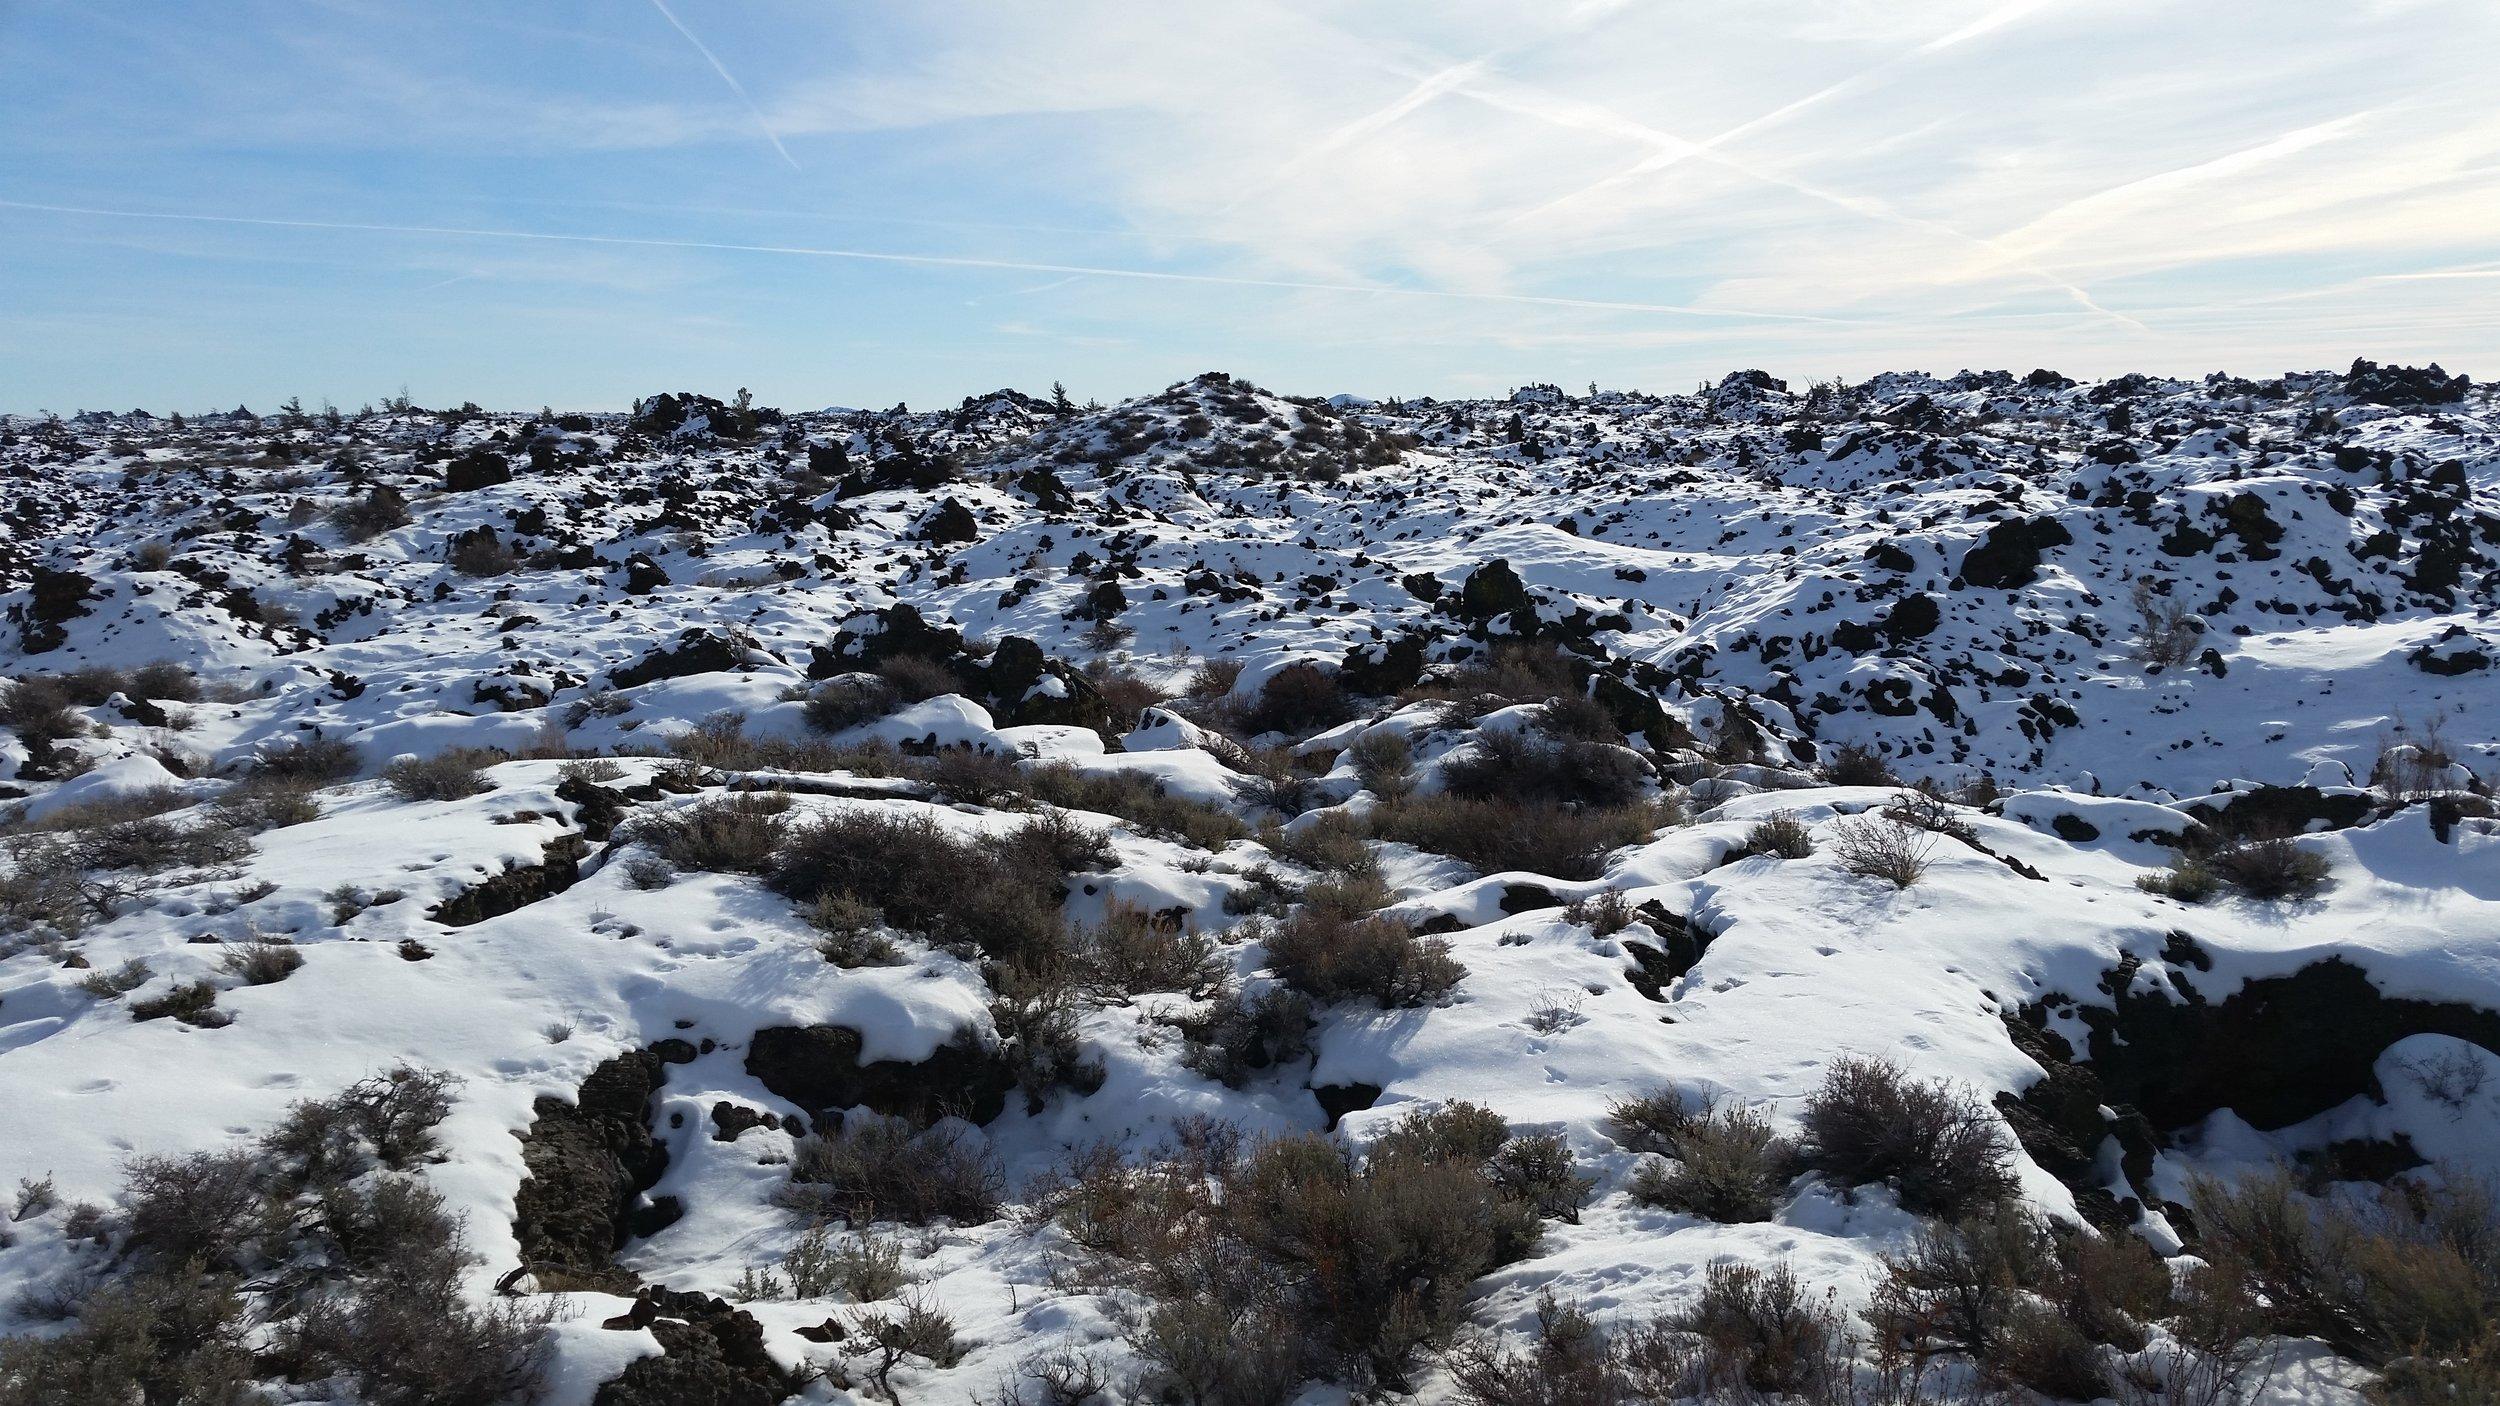 CO_Sagebrush under snow_Seth Gallagher.jpg